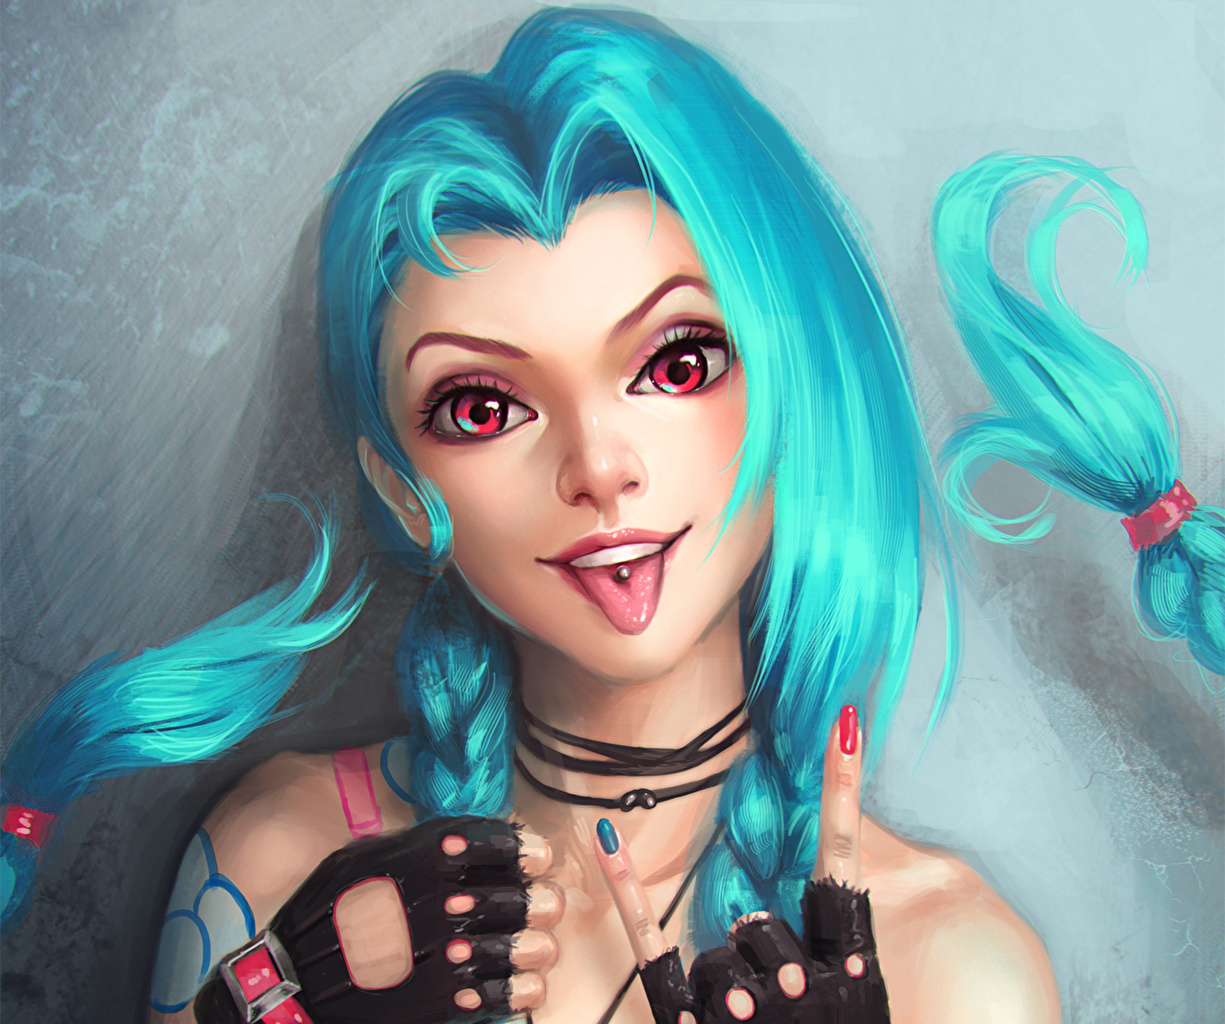 Bilder LOL Lächeln jinx Haar Fantasy junge frau Spiele Hand Starren League of Legends Mädchens junge Frauen computerspiel Blick